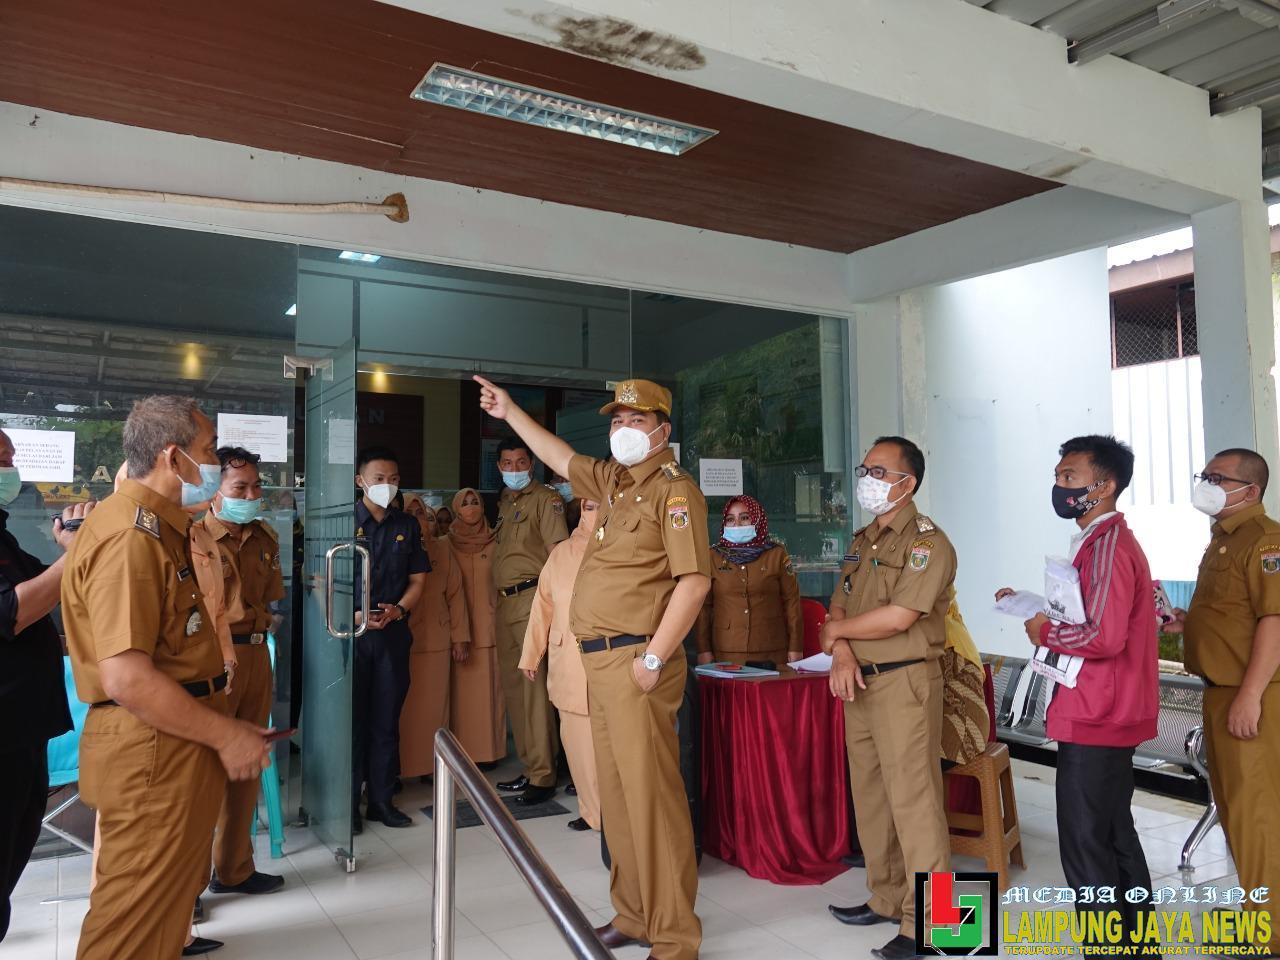 Hari Pertama Kerja, Bupati dan Wakil Bupati Terpilih Kunjungi OPD Guna Memantau Langsung Pelayanan Bagi Masyarakat